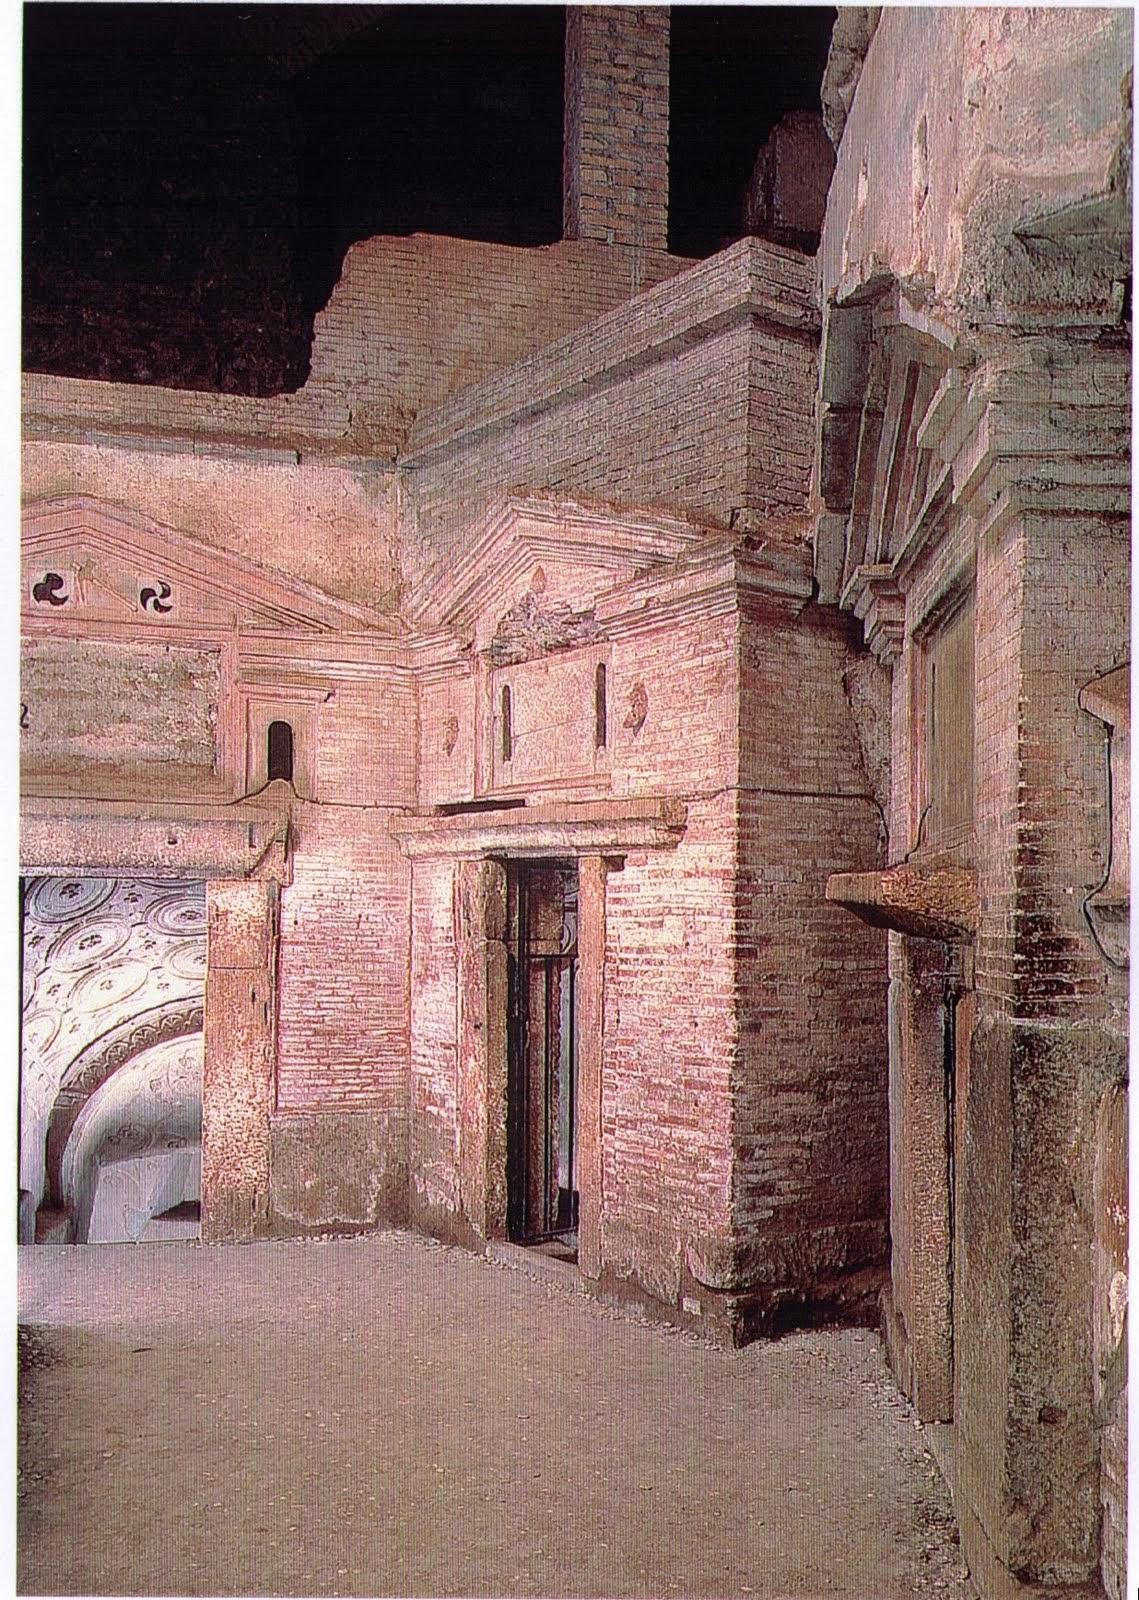 Venerdi 25 aprile, h 11.00  S Sebastiano Fuori le Mura, le Catacombe e il giro delle sette chiese